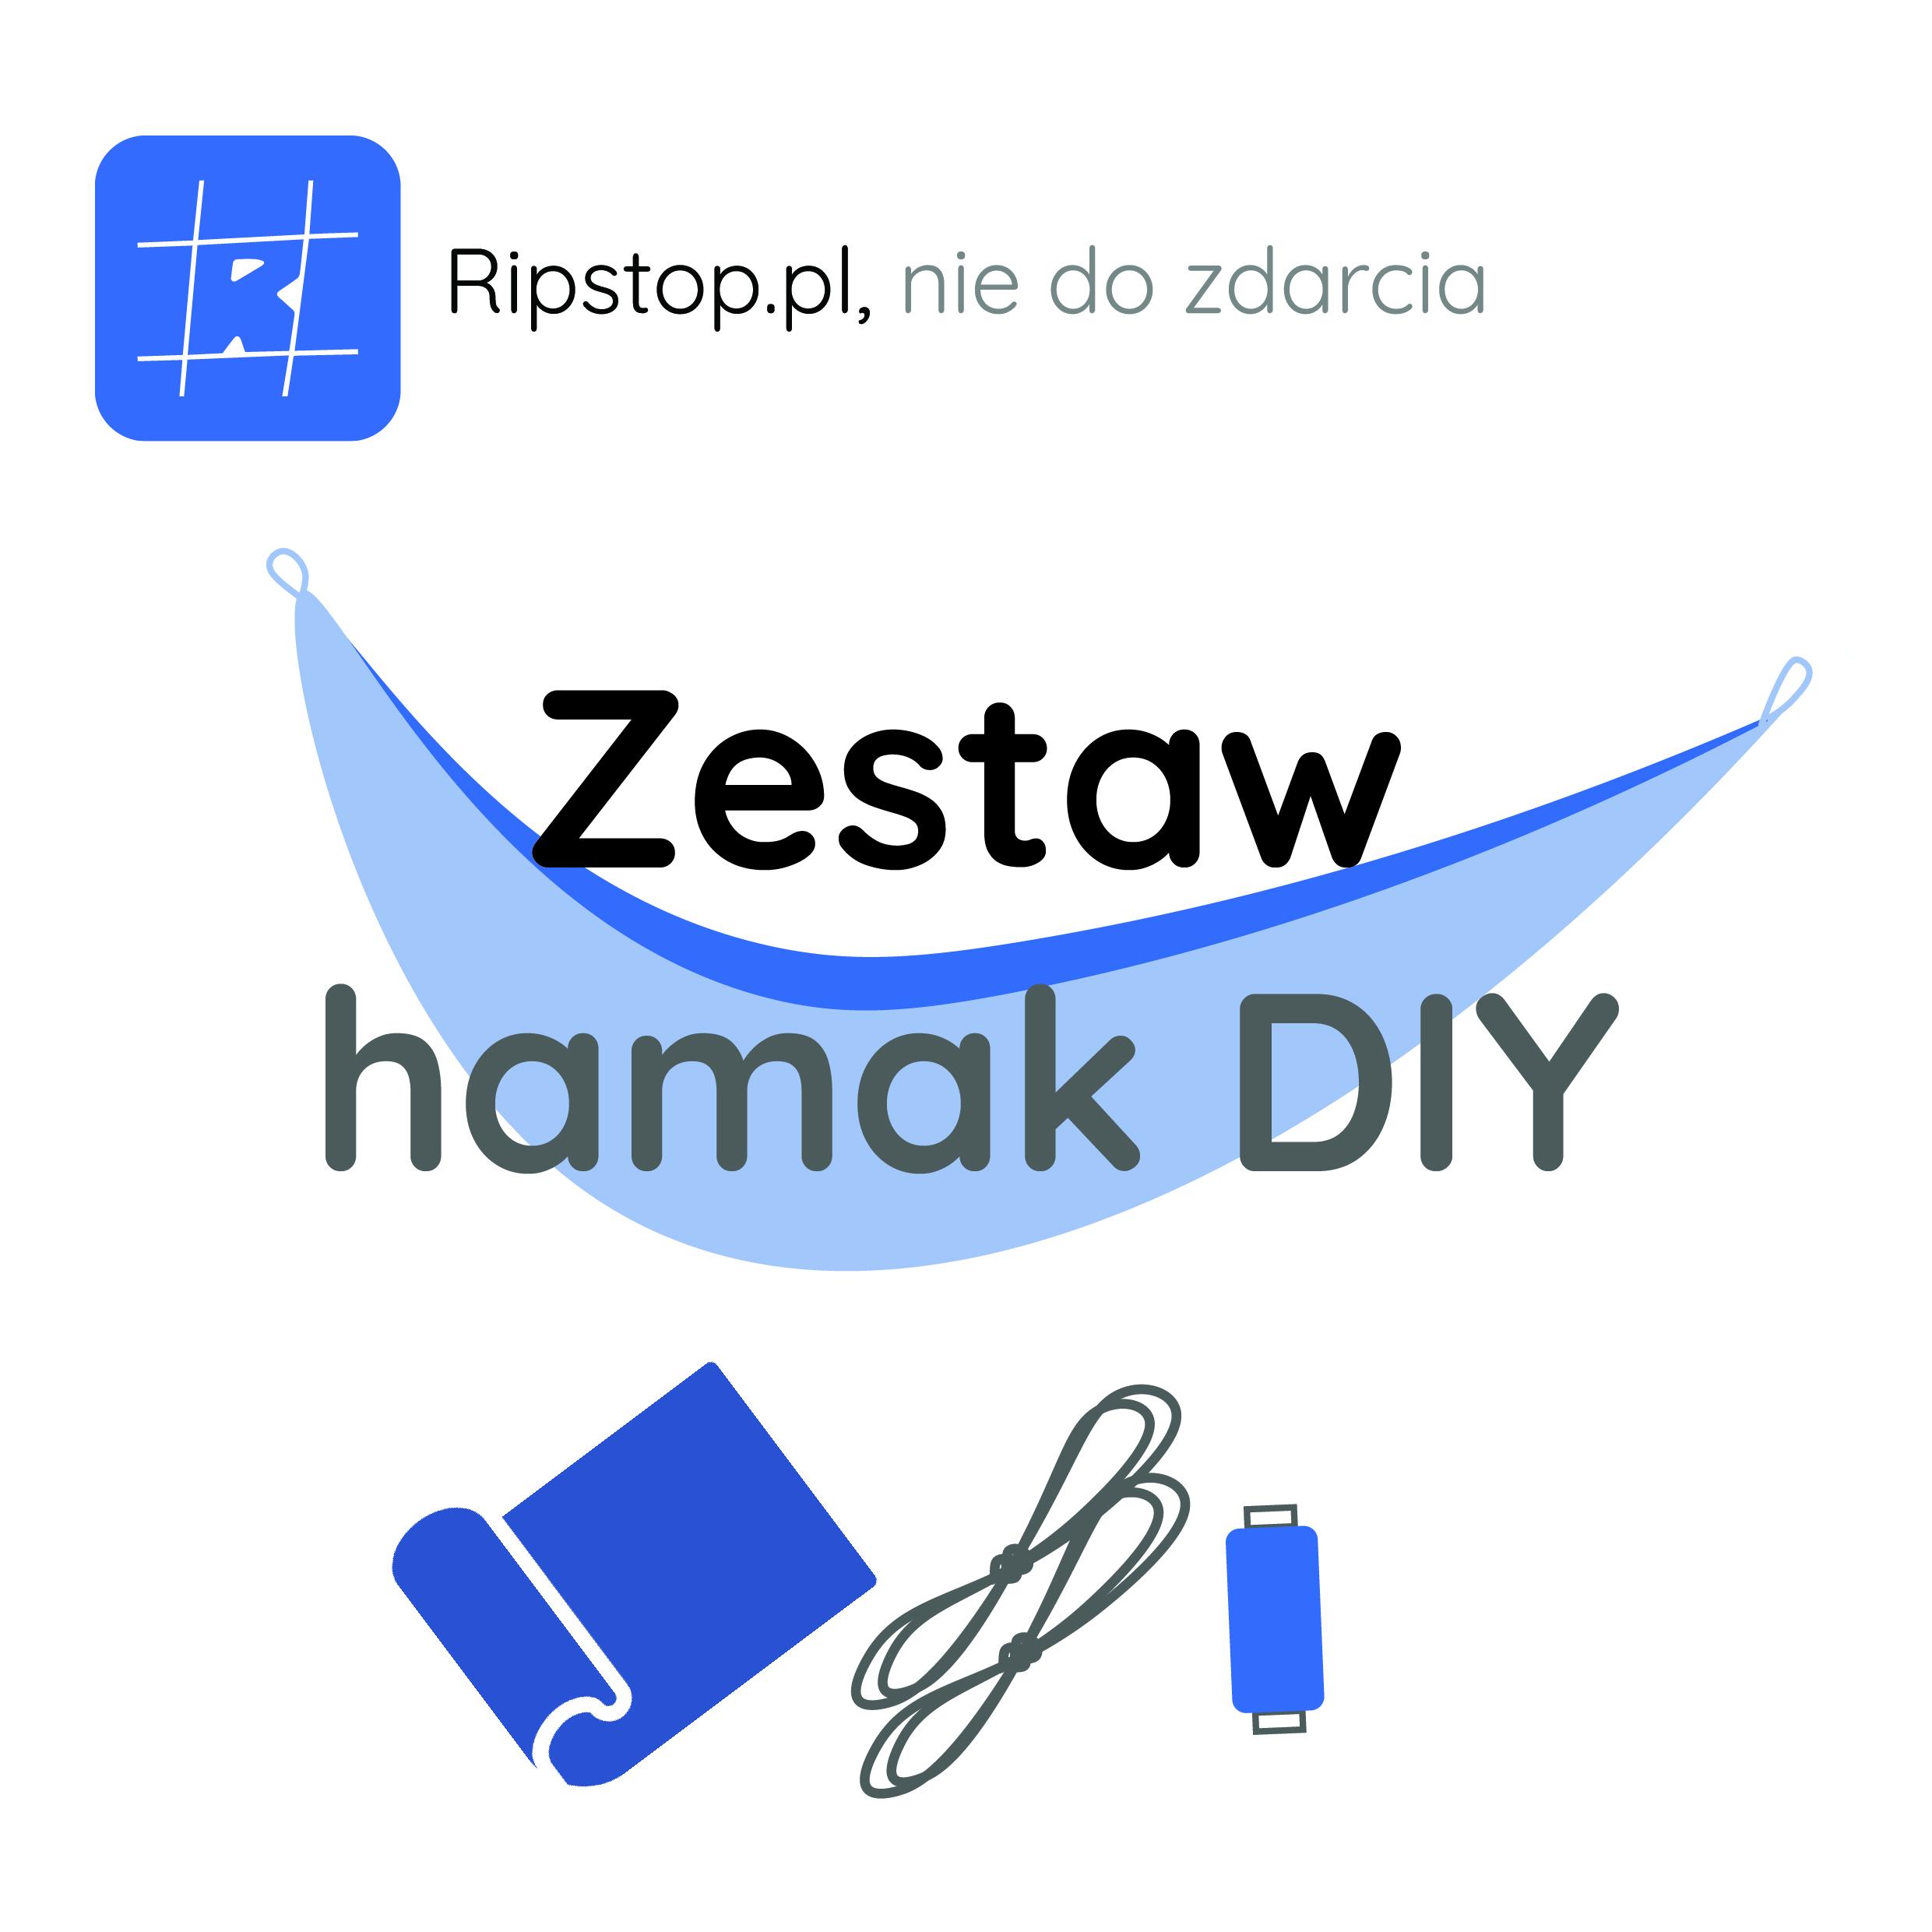 Zestaw hamak DIY